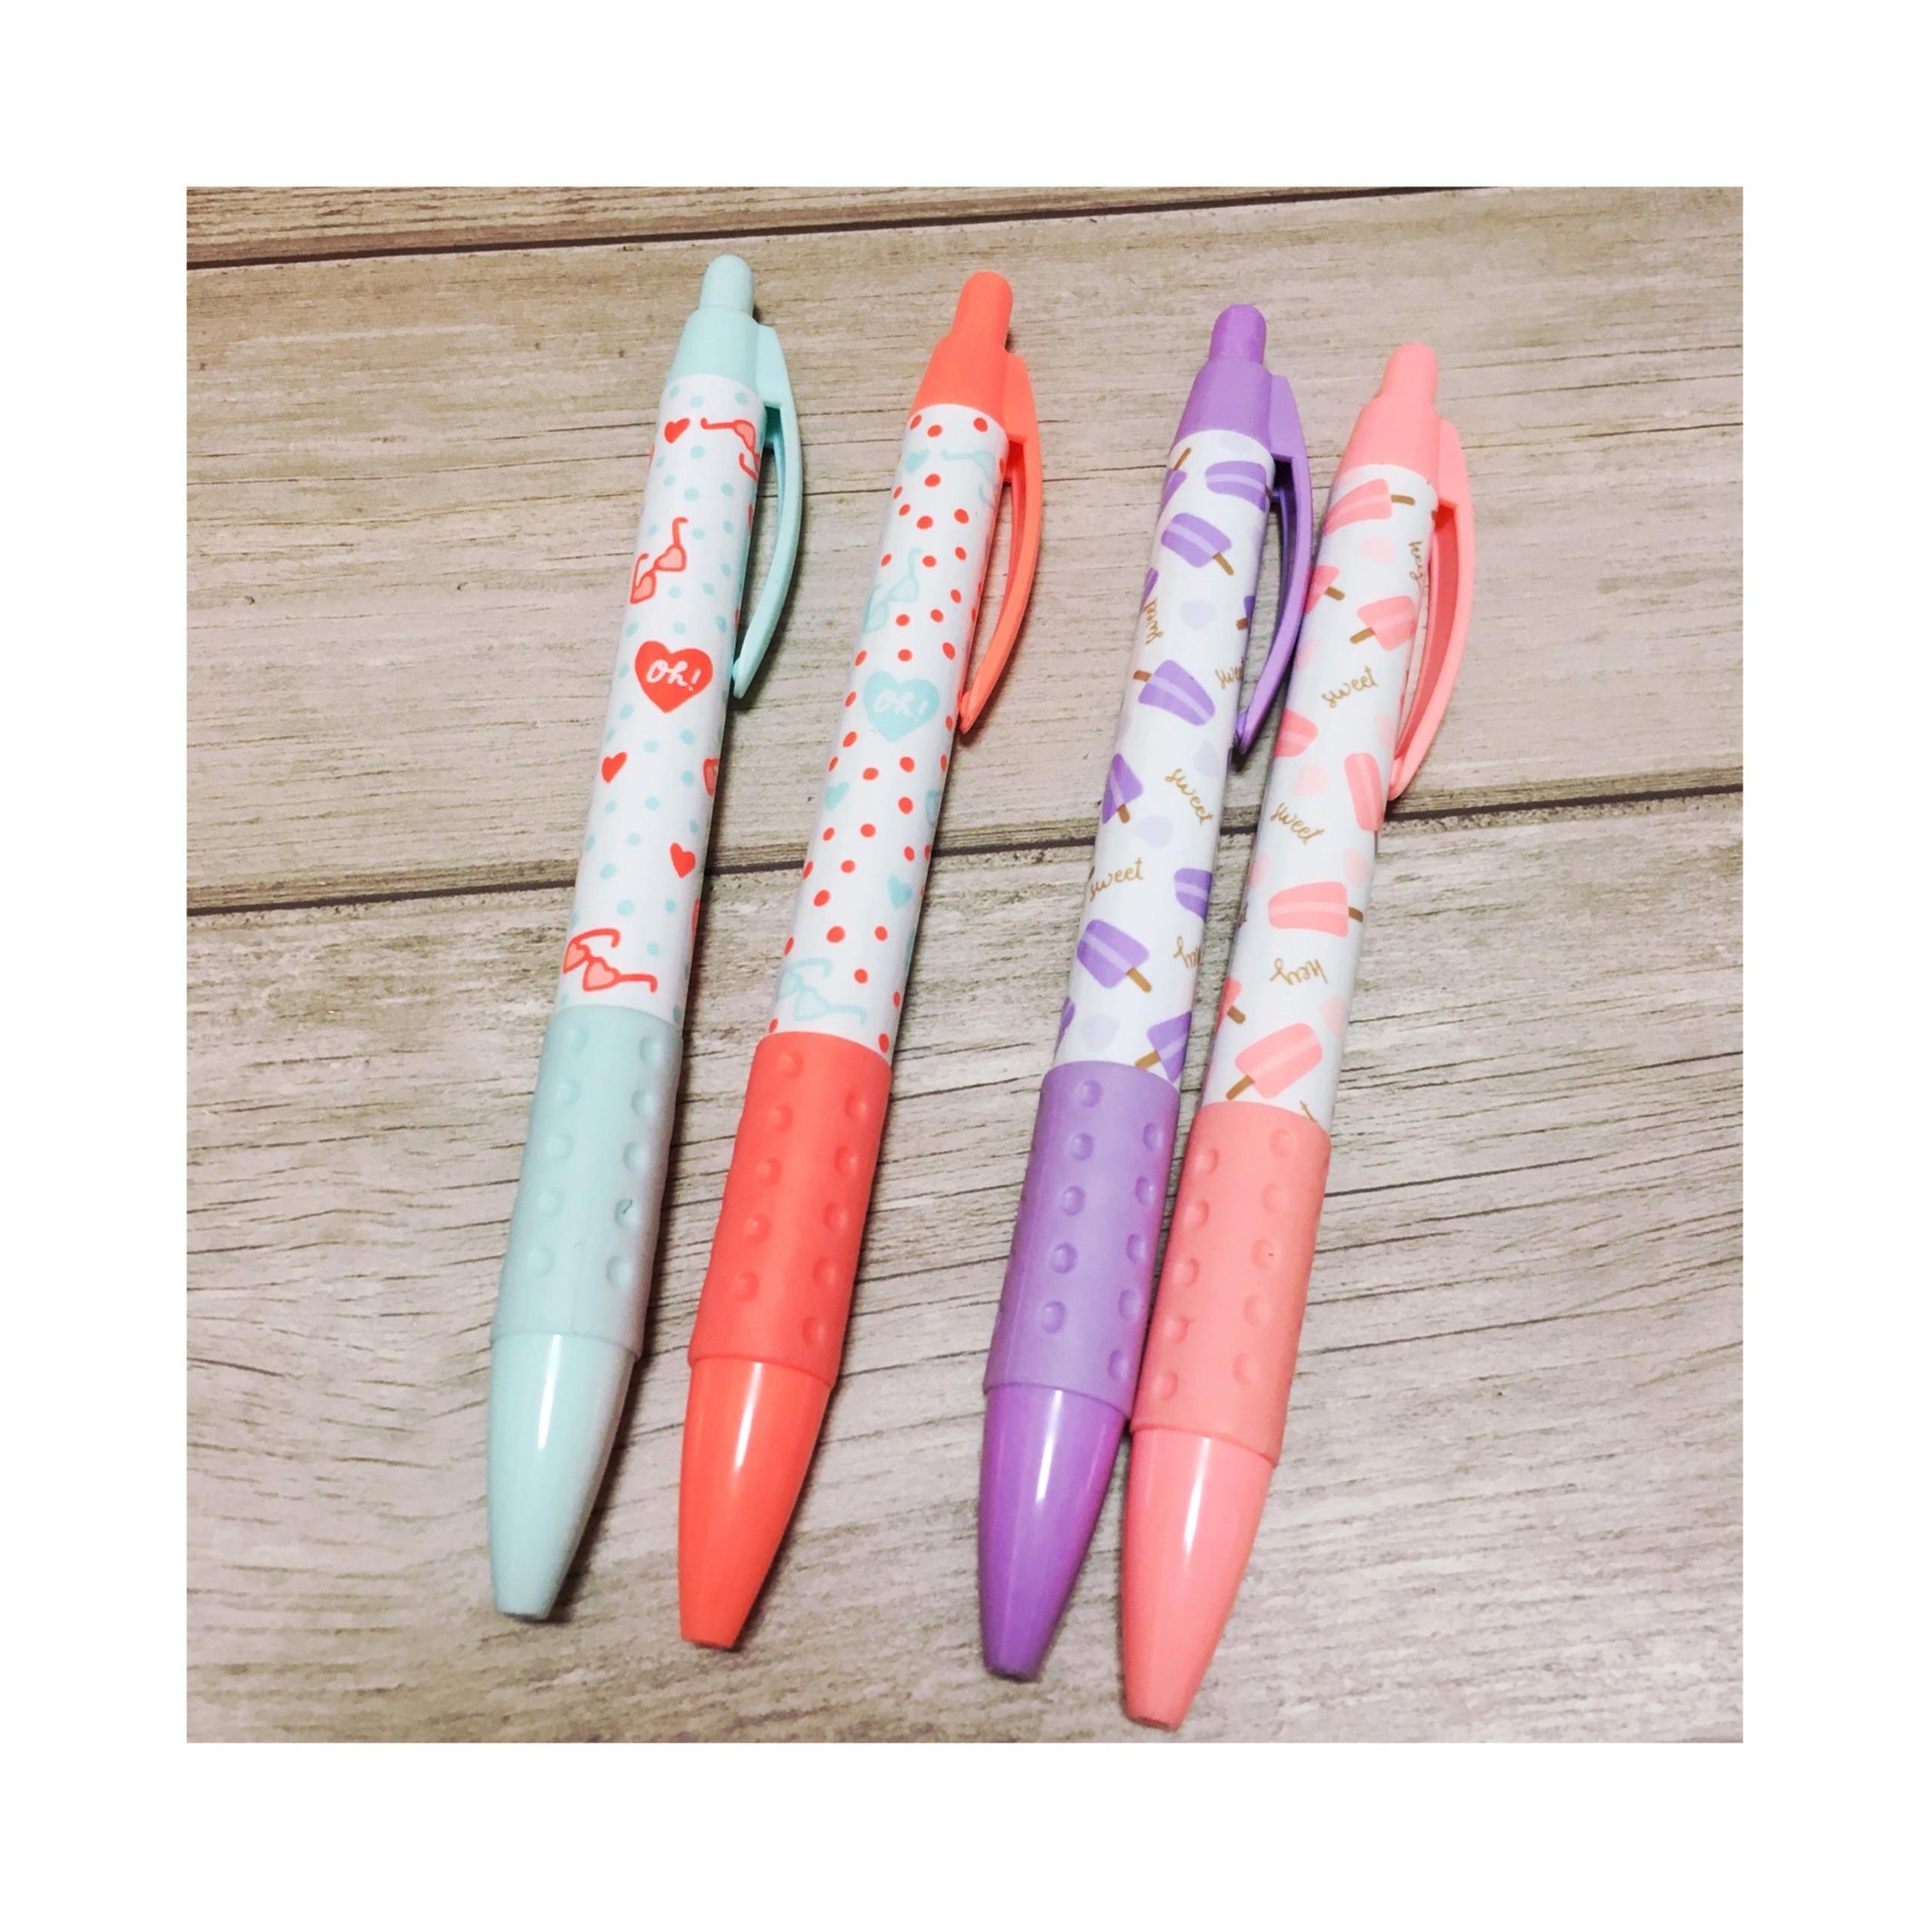 《オフィス用品も夏仕様にチェンジ★》【DAISO】で見つけたボールペンがかわいい!❤️_1